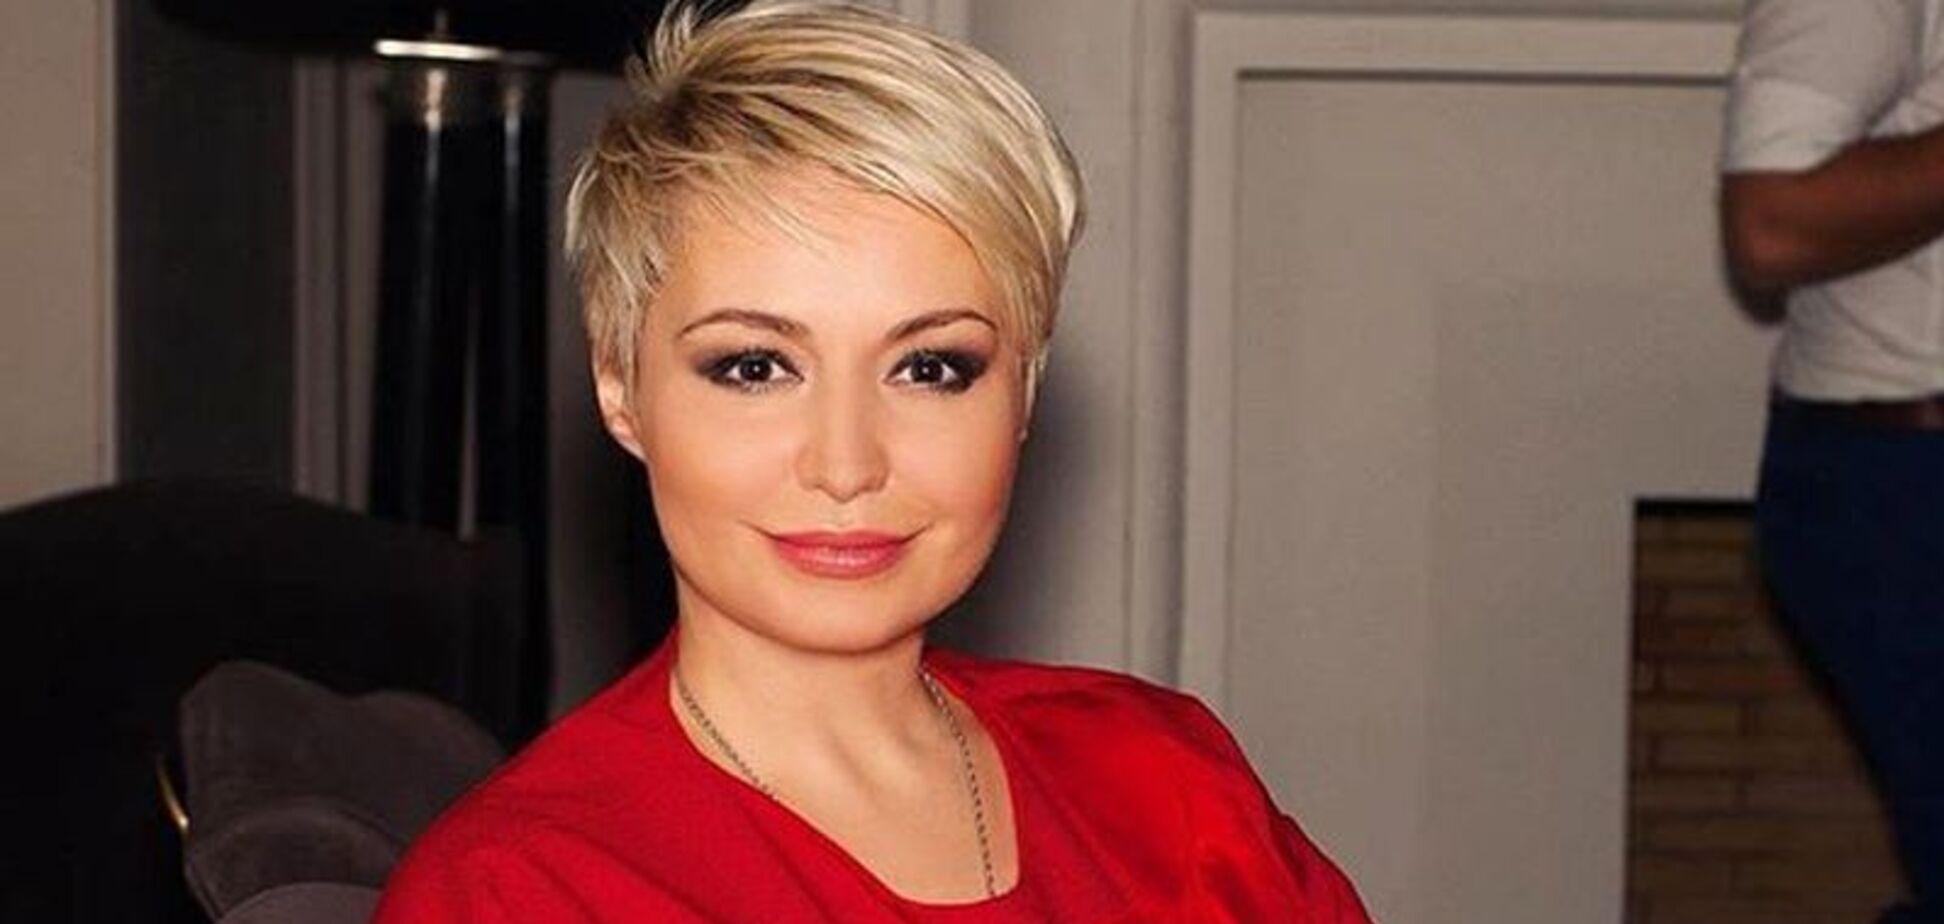 'Вони вливали в мене ліки': популярна в РФ співачка зізналася в незвичайному дарі